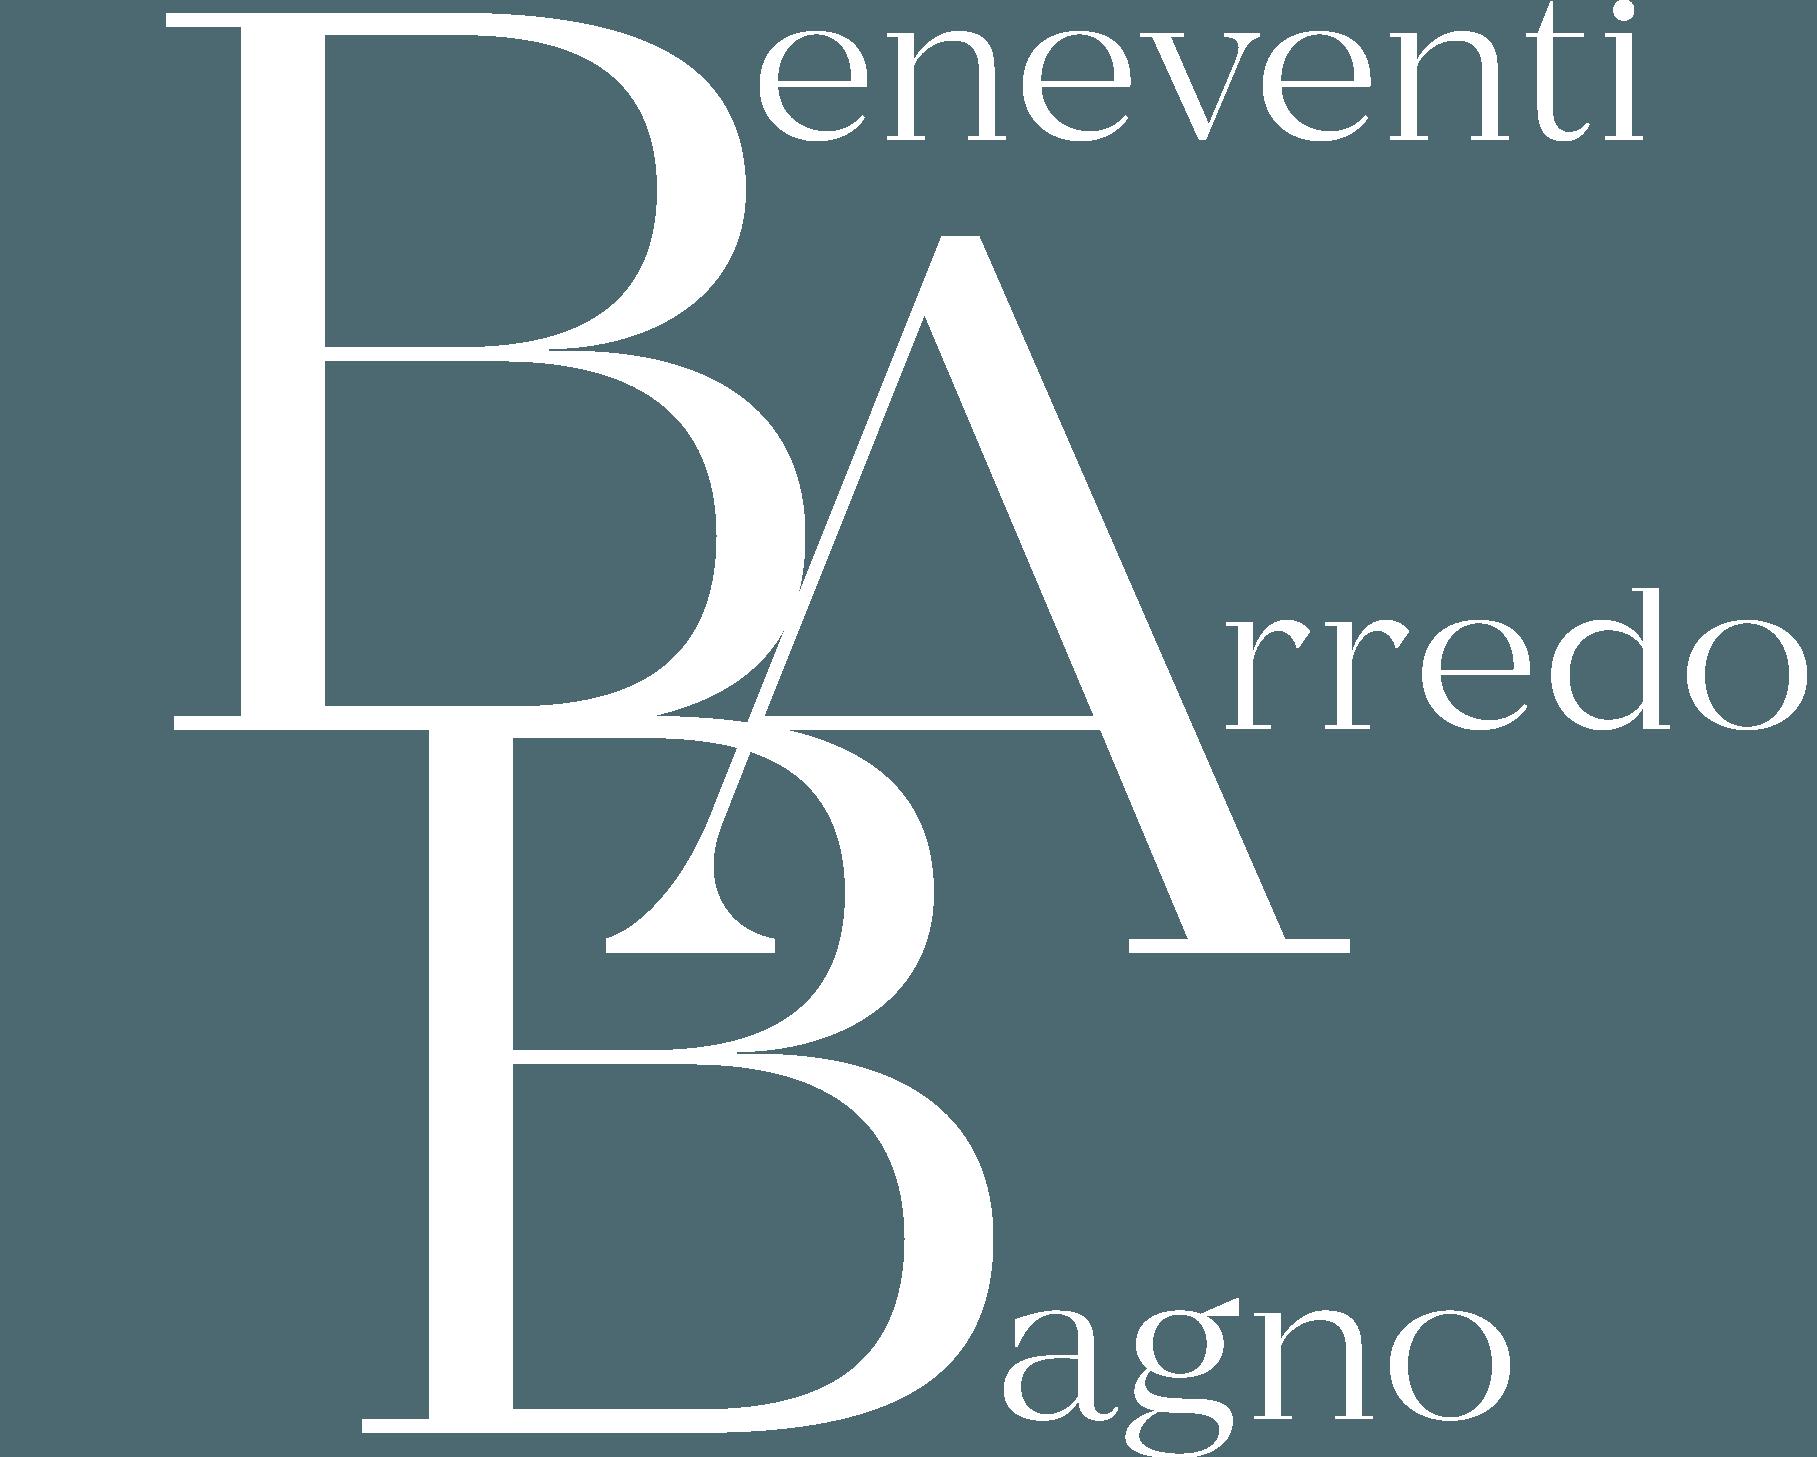 Beneventi arredo bagno Reggio emilia vendita gres porcellanato, montaggio bagno, posa pavimenti e rivestimenti,